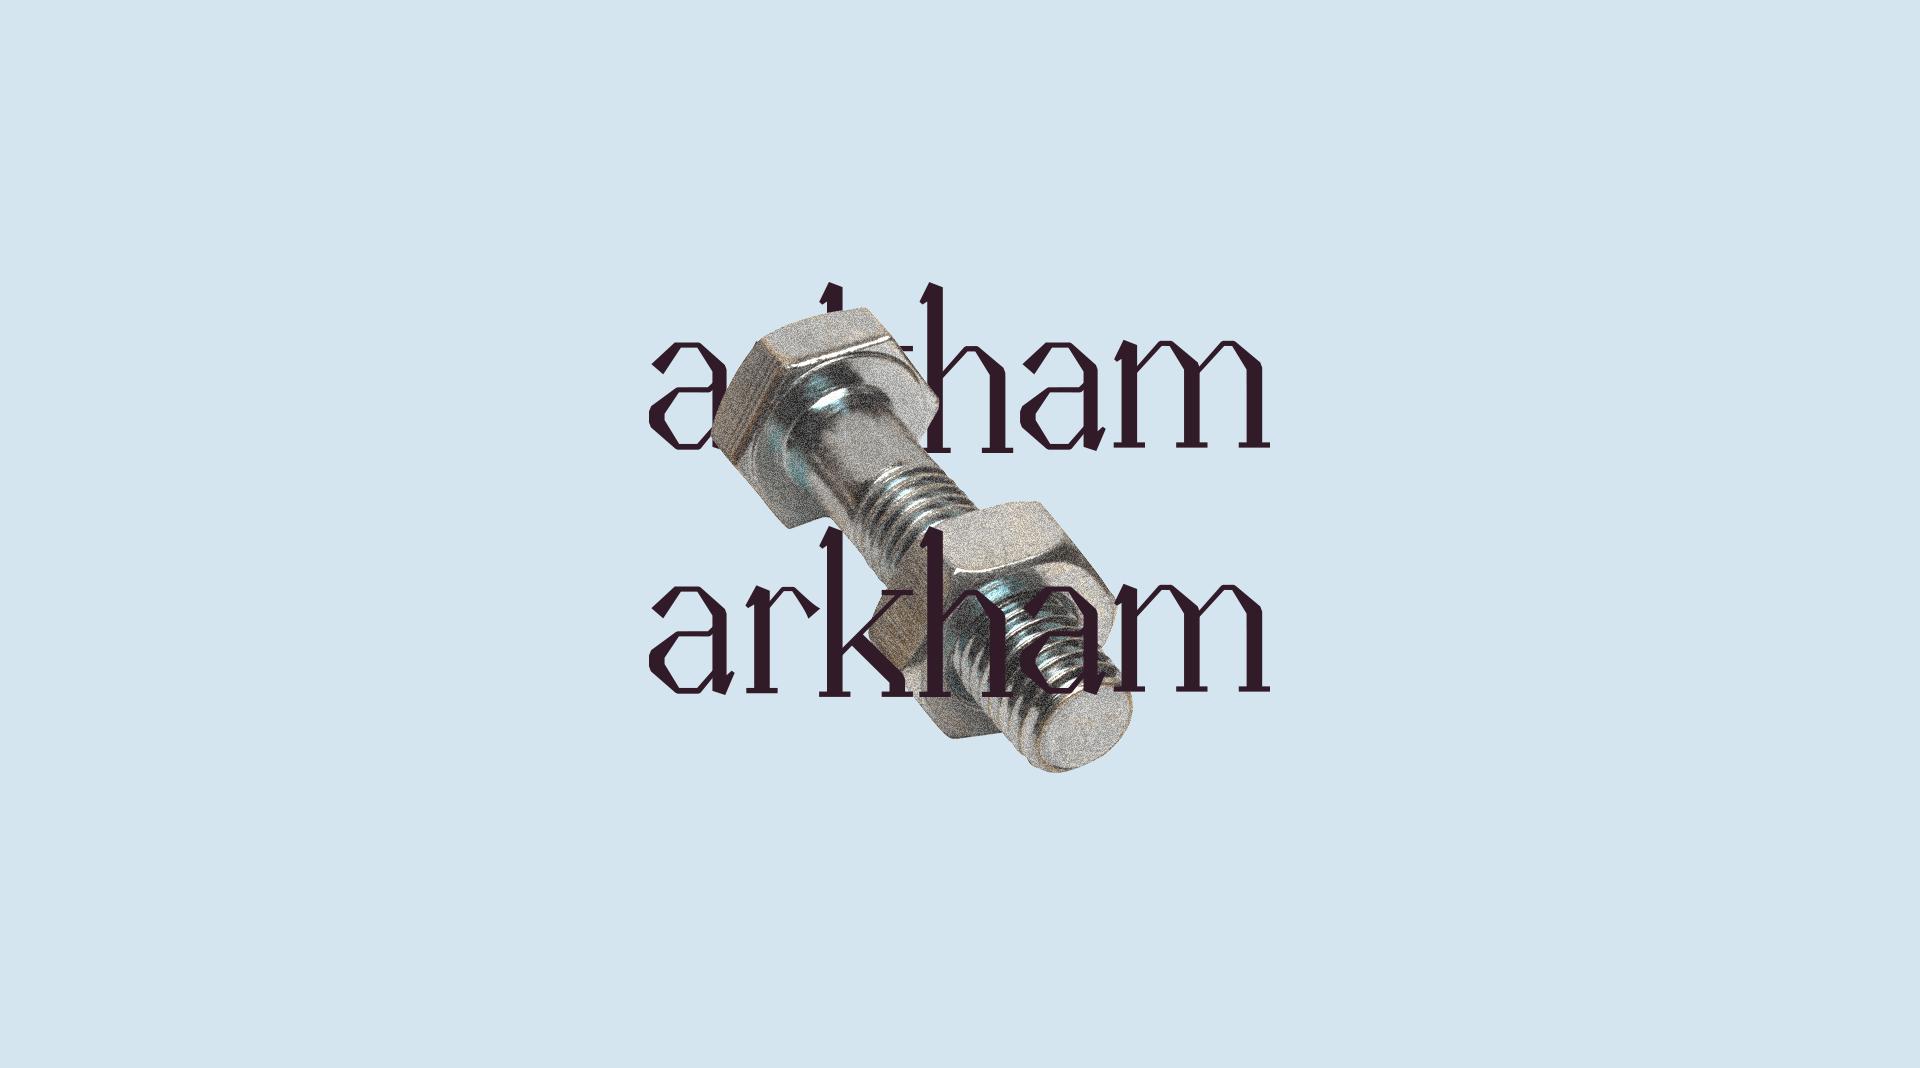 ArkhamArkham